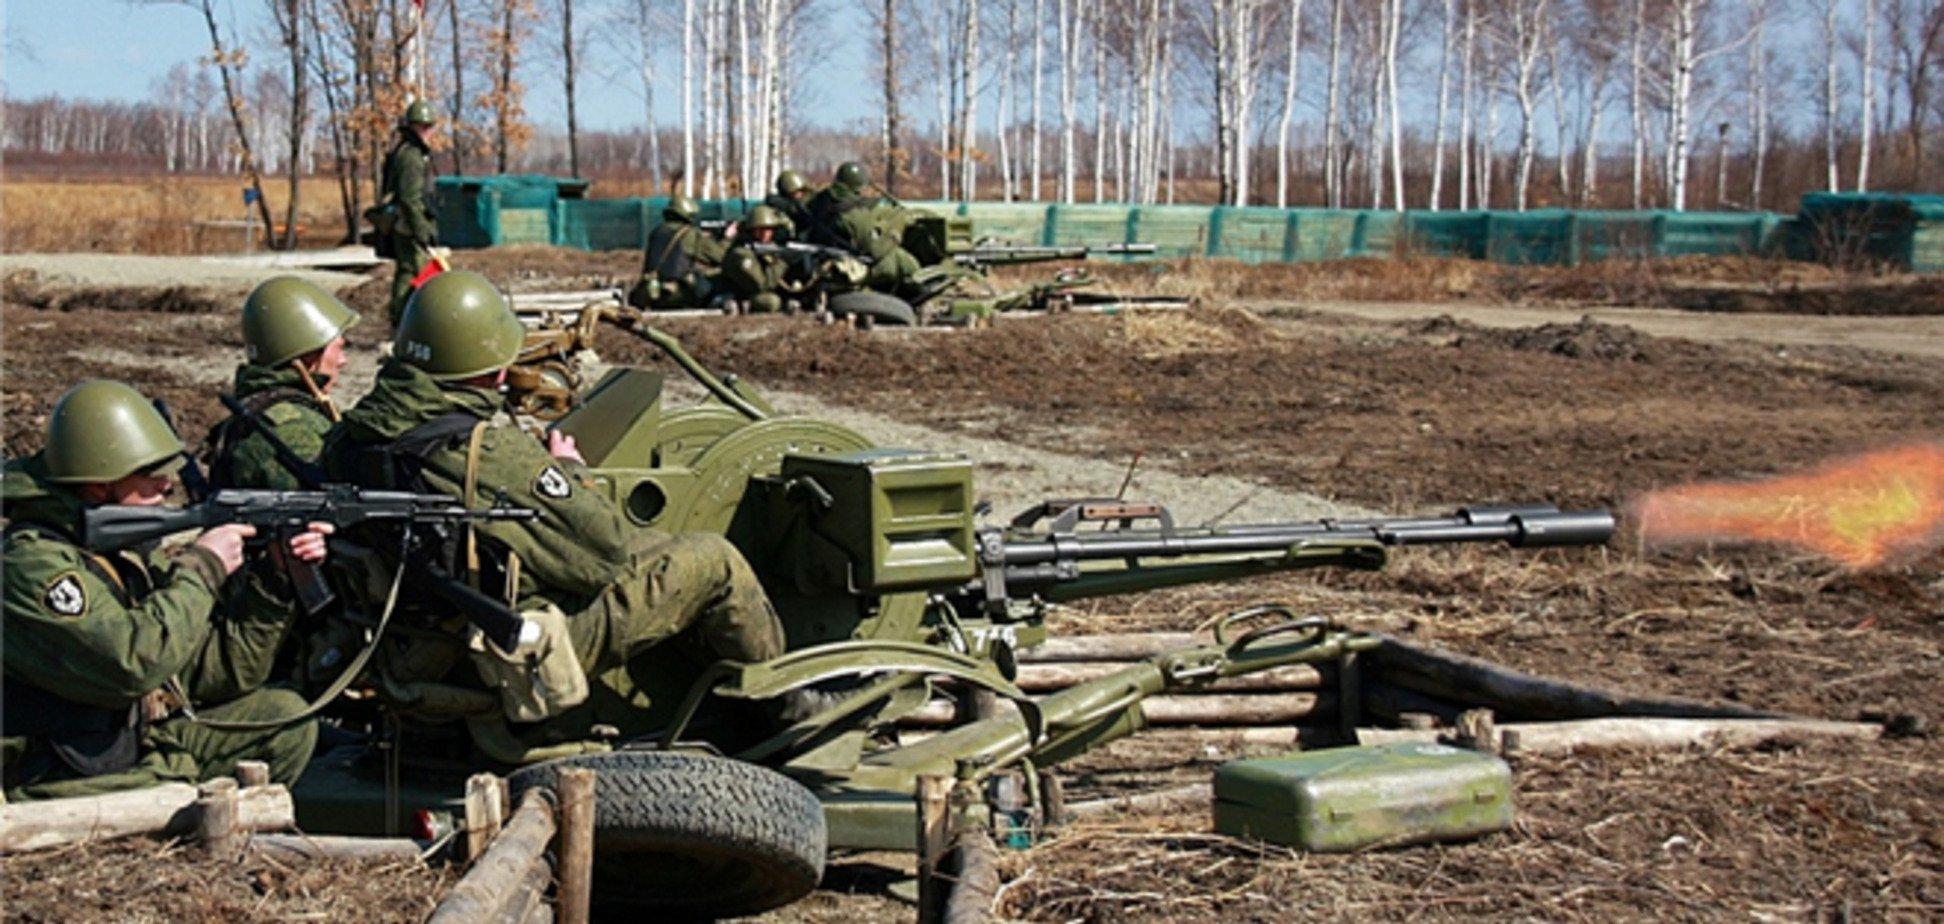 Військового поранила з артилерійської установки в Кривому Розі